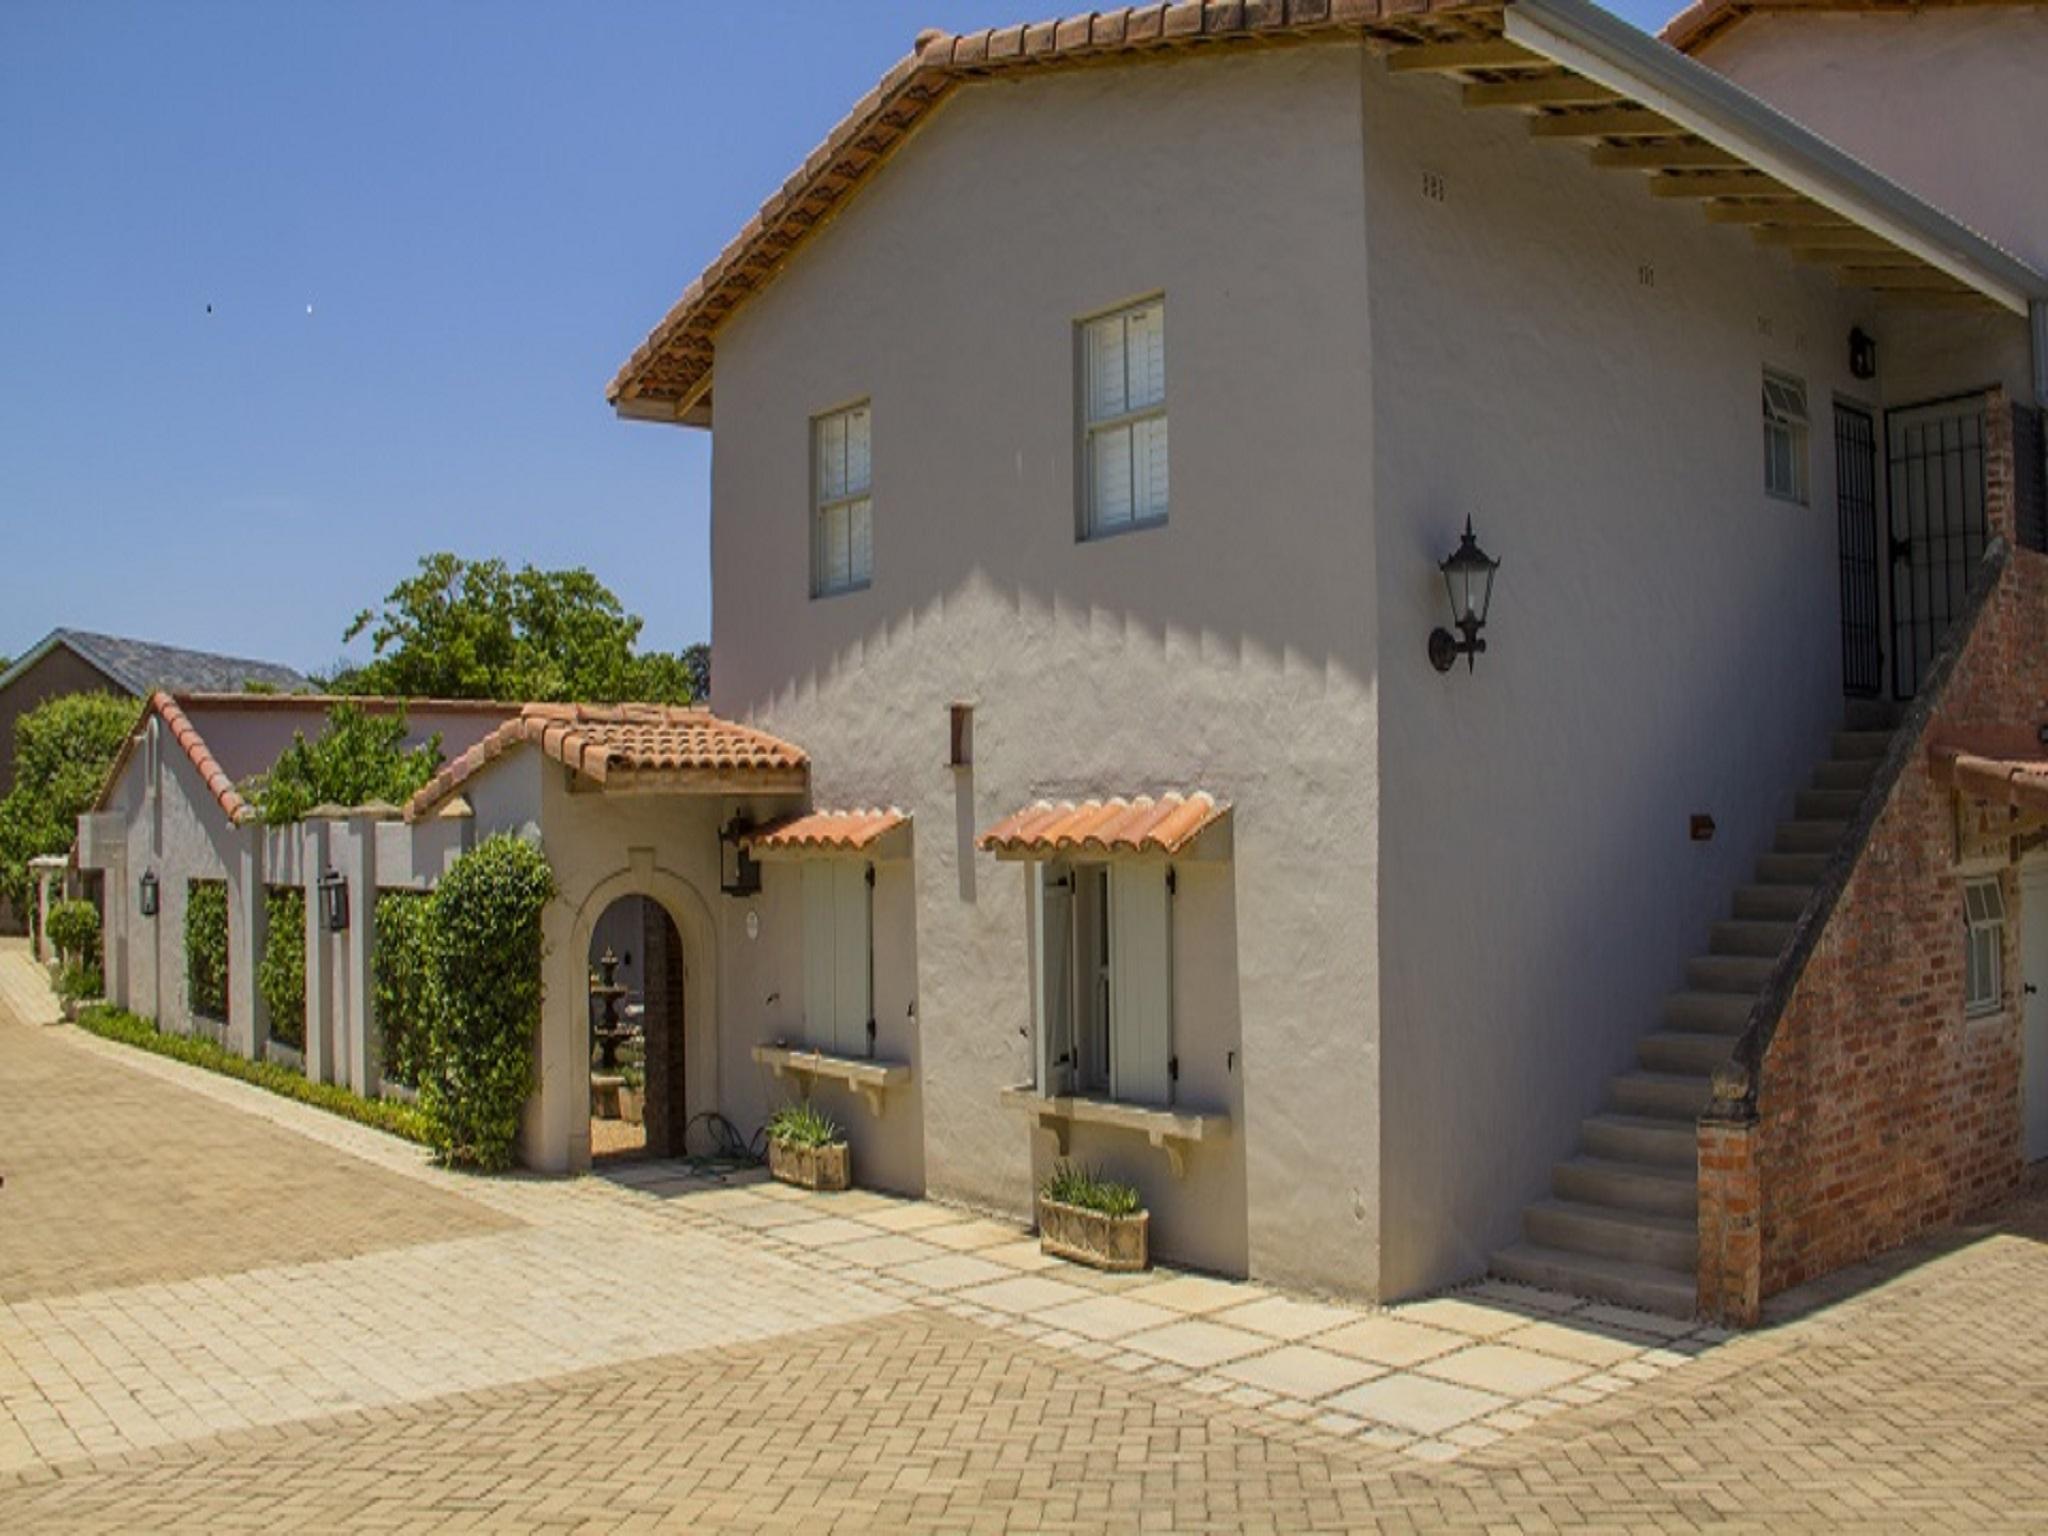 Maison H Guest House 1